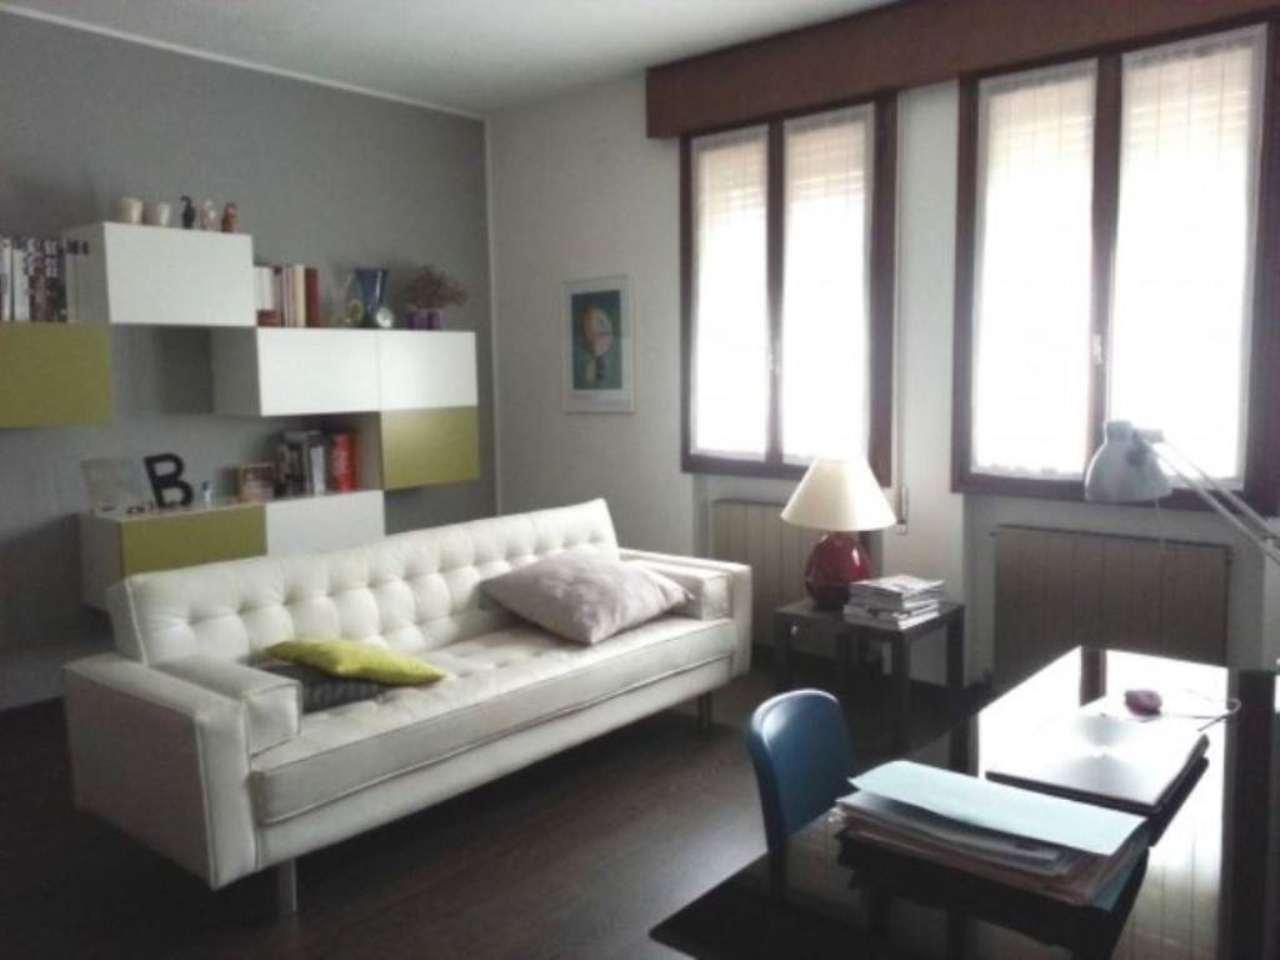 Villa in vendita a Mirano, 6 locali, prezzo € 309.000 | Cambio Casa.it